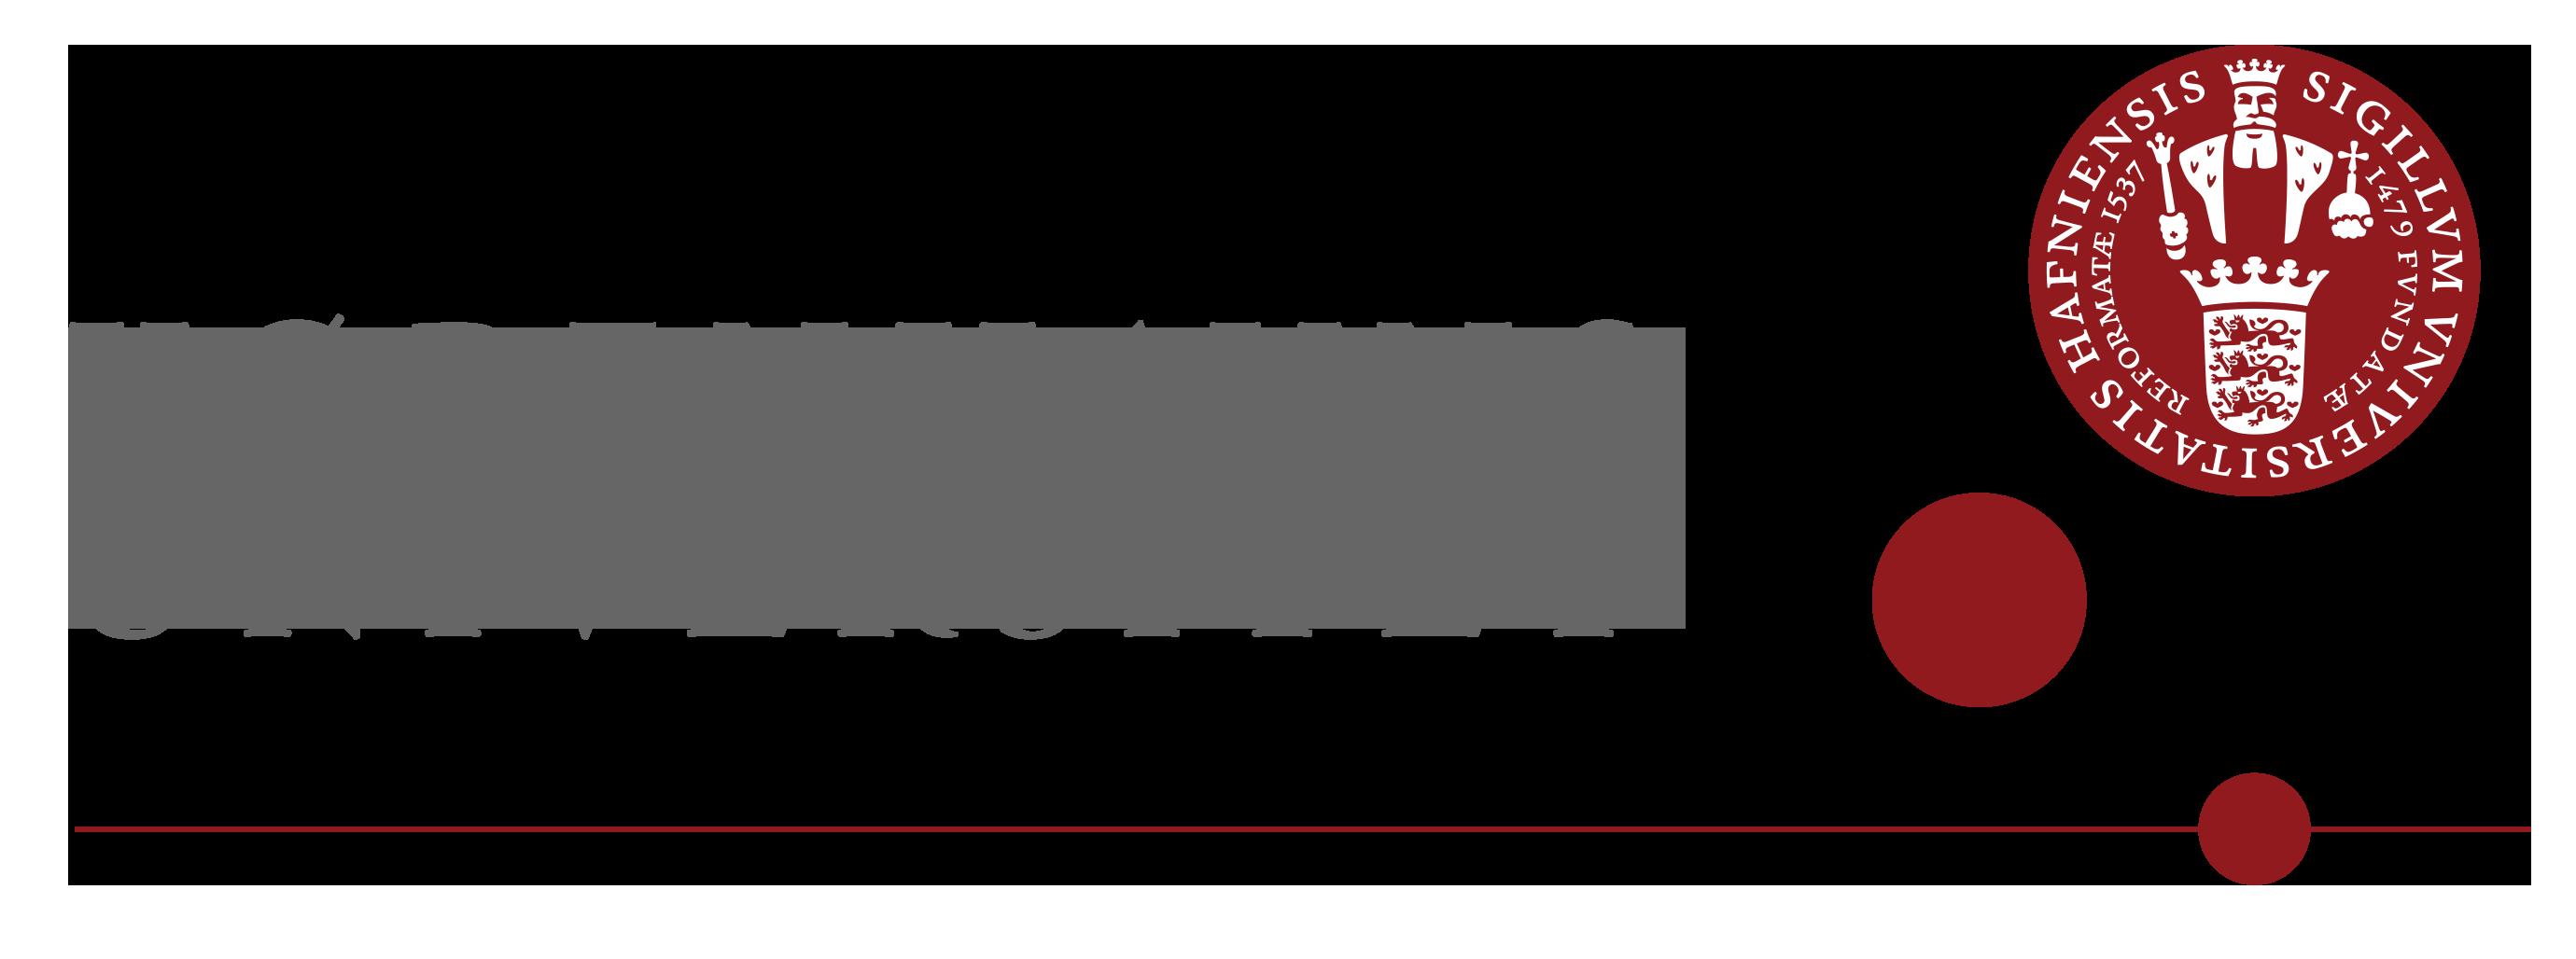 ucph logo